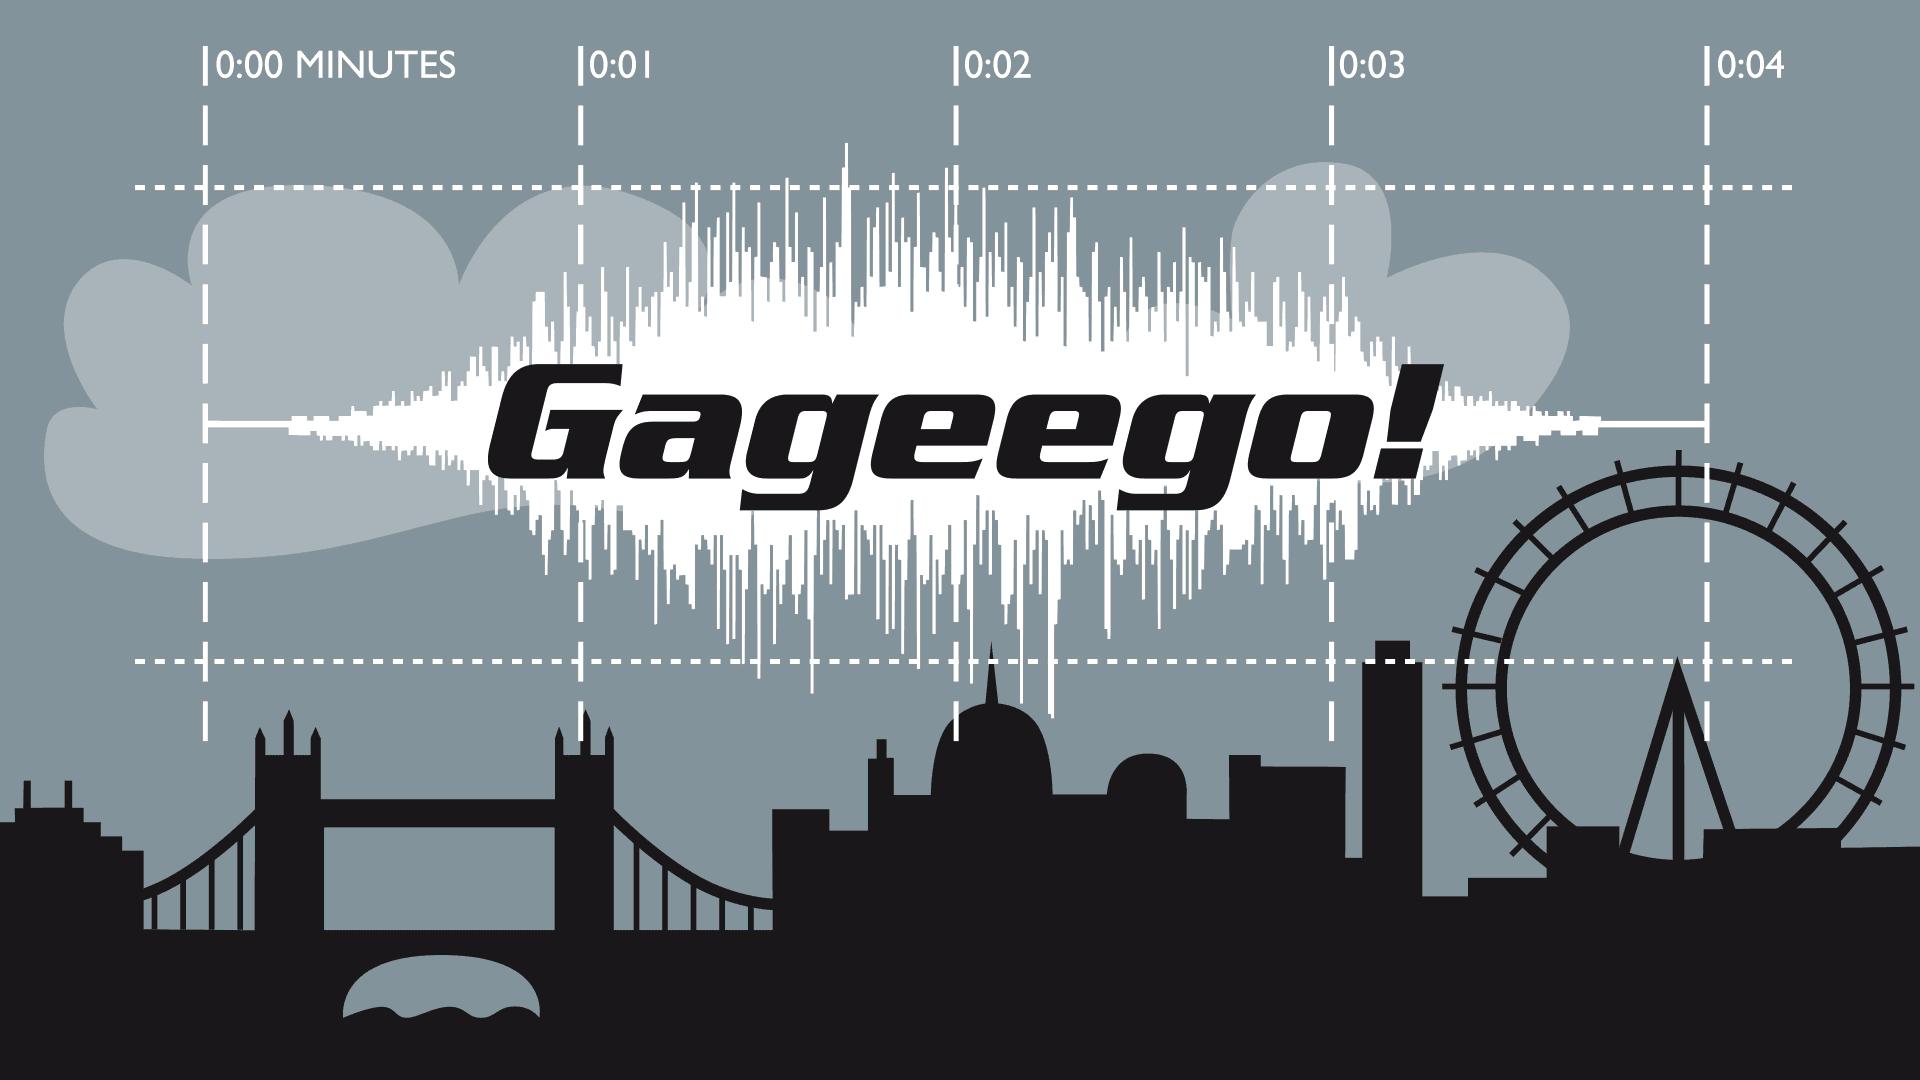 Gageego! i London